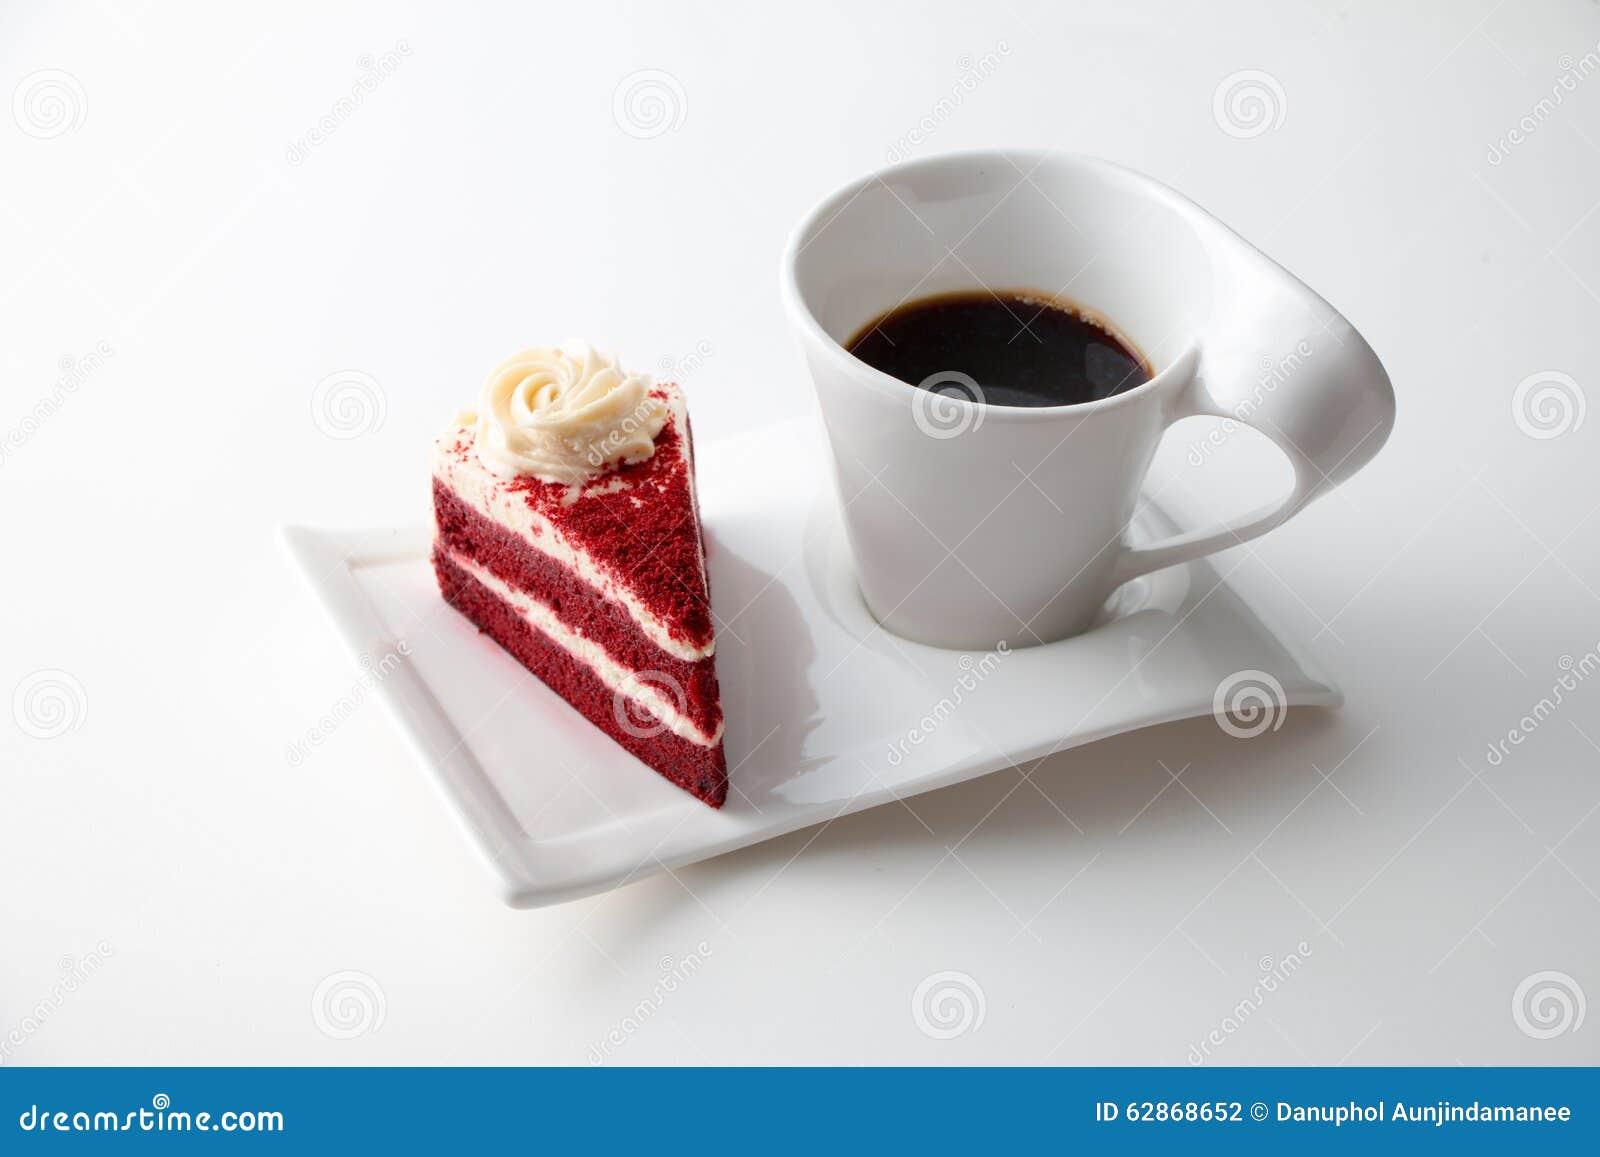 Red Velvet Cake Caffeine